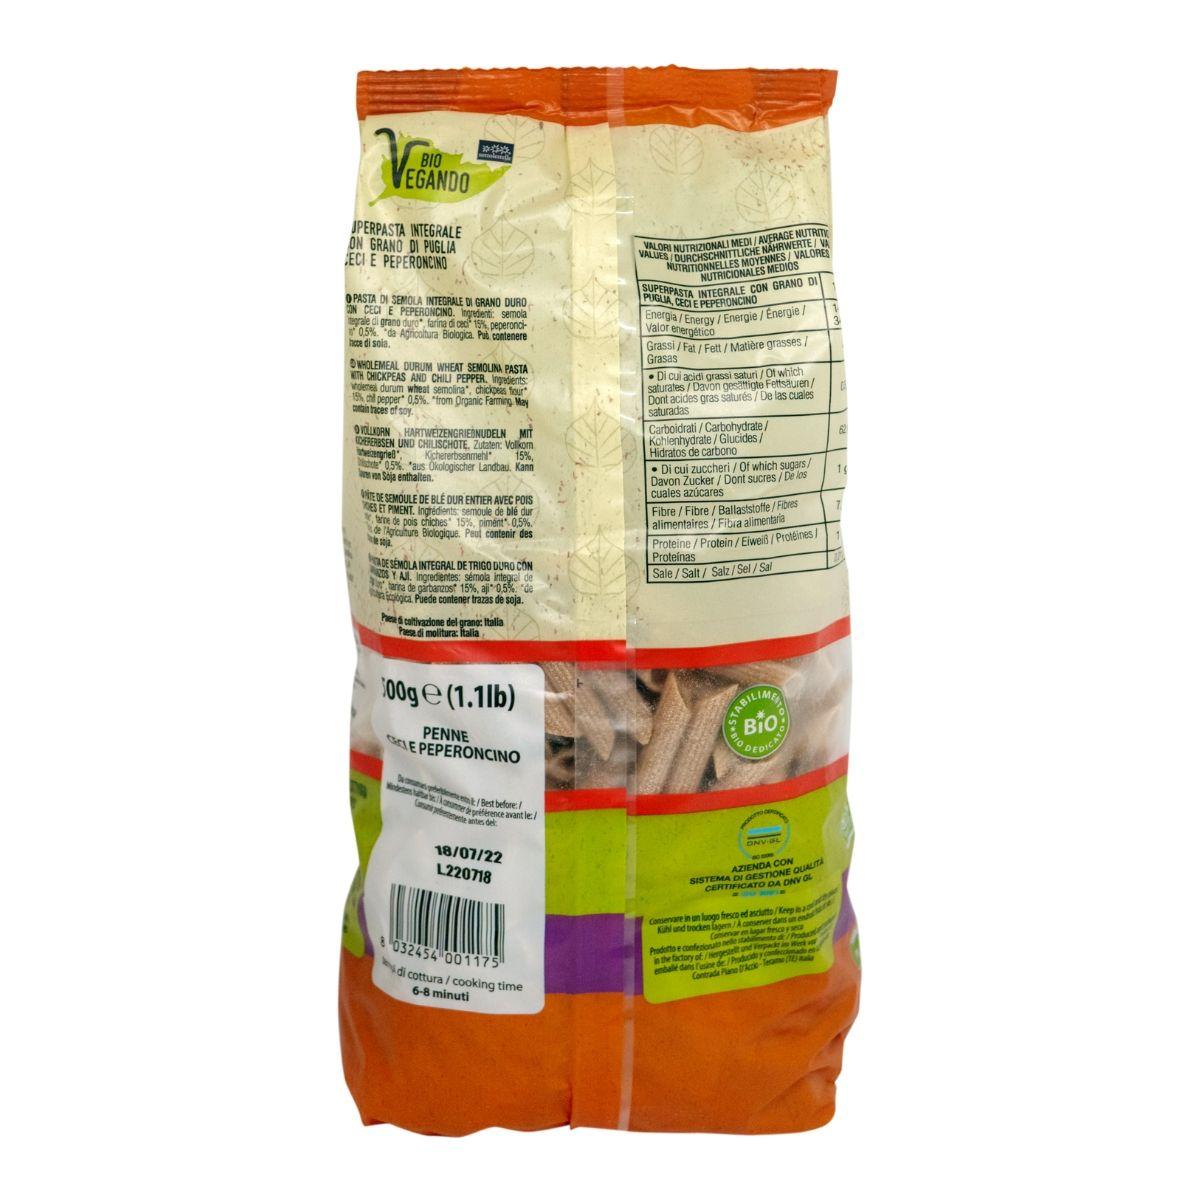 8032454001175 C Nui ống đậu gà nguyên cám hữu cơ Sotto 500g - Bioveg Penne Integr. Ceci e Peperoncino